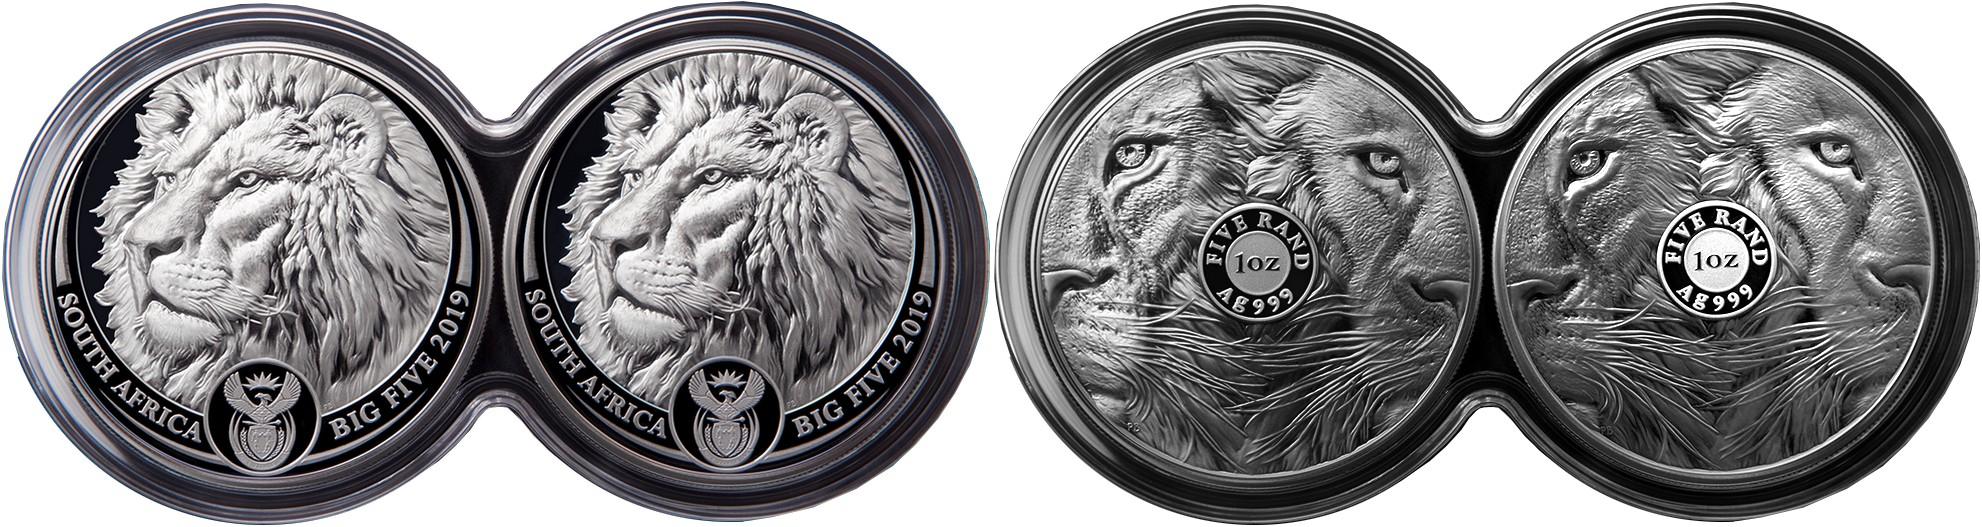 afrique-du-sud-2019-big-five-lion-double-capsule